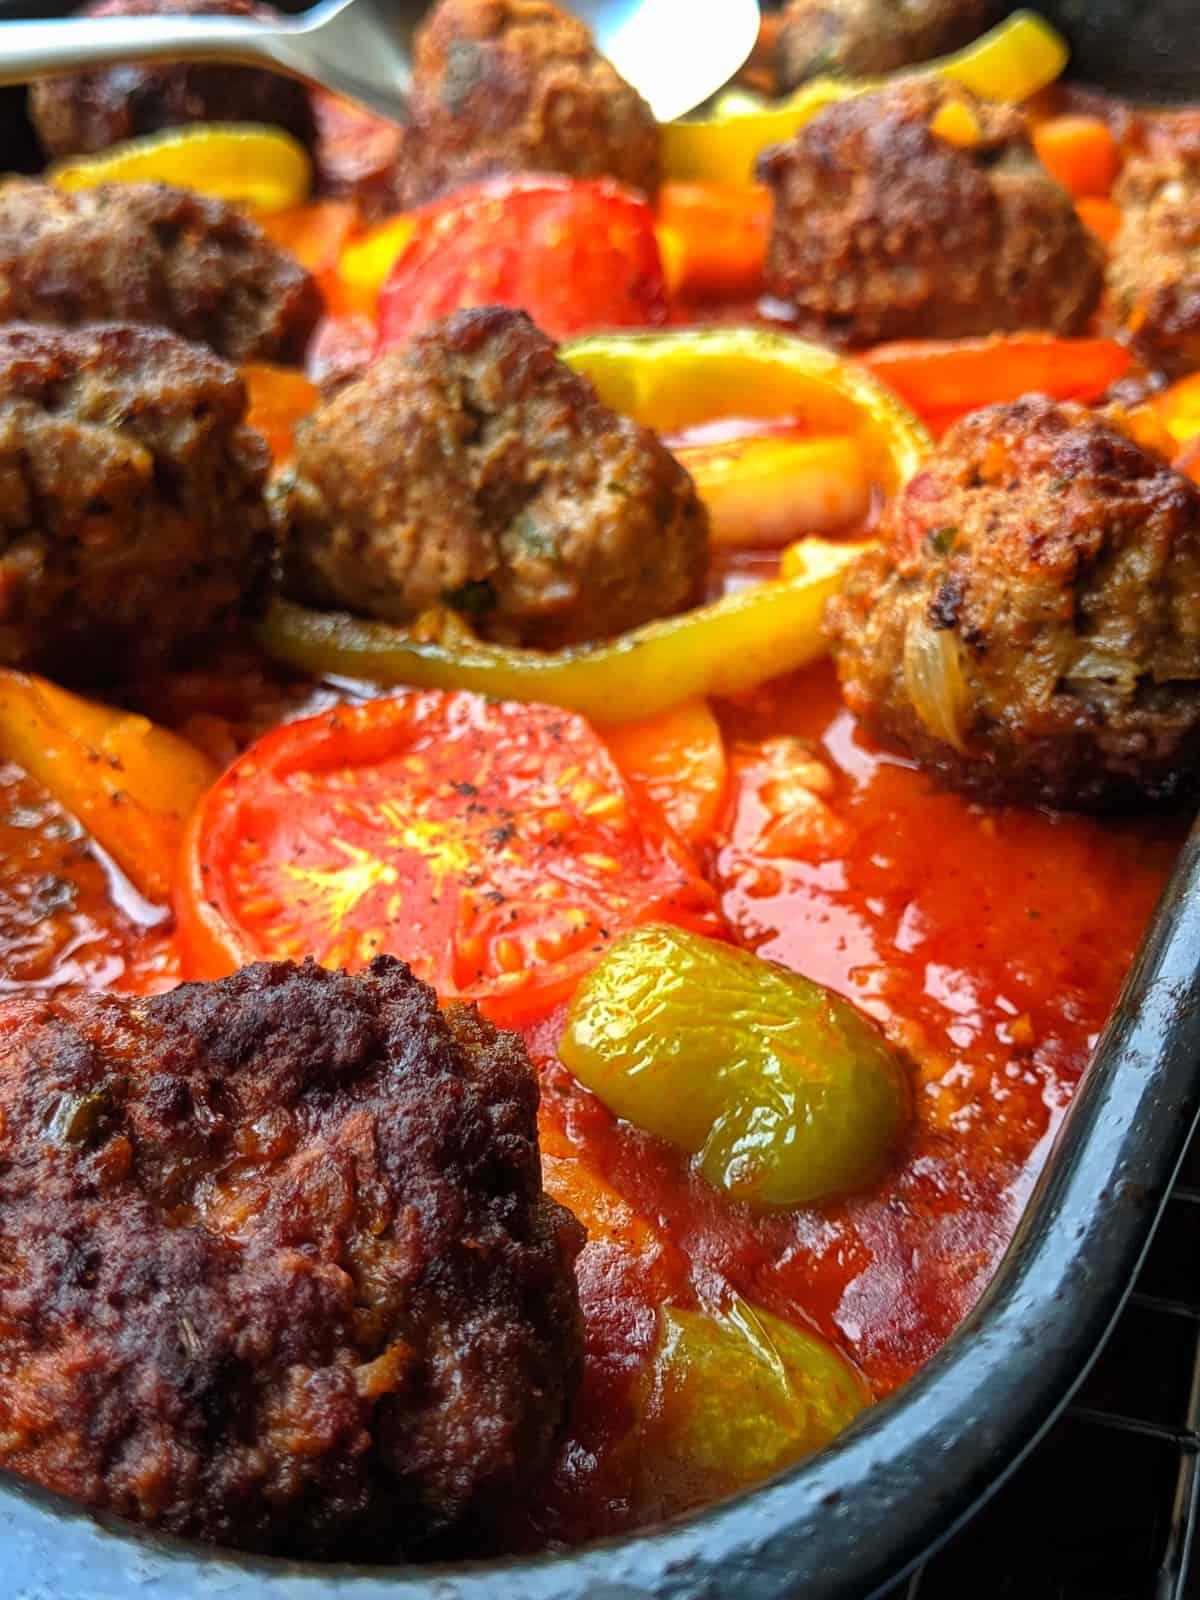 Eine Nahaufnahme von einer Auflaufform mit Gebackene Kartoffeln in Tomatensoße mit Hackbällchen und Gemüse.